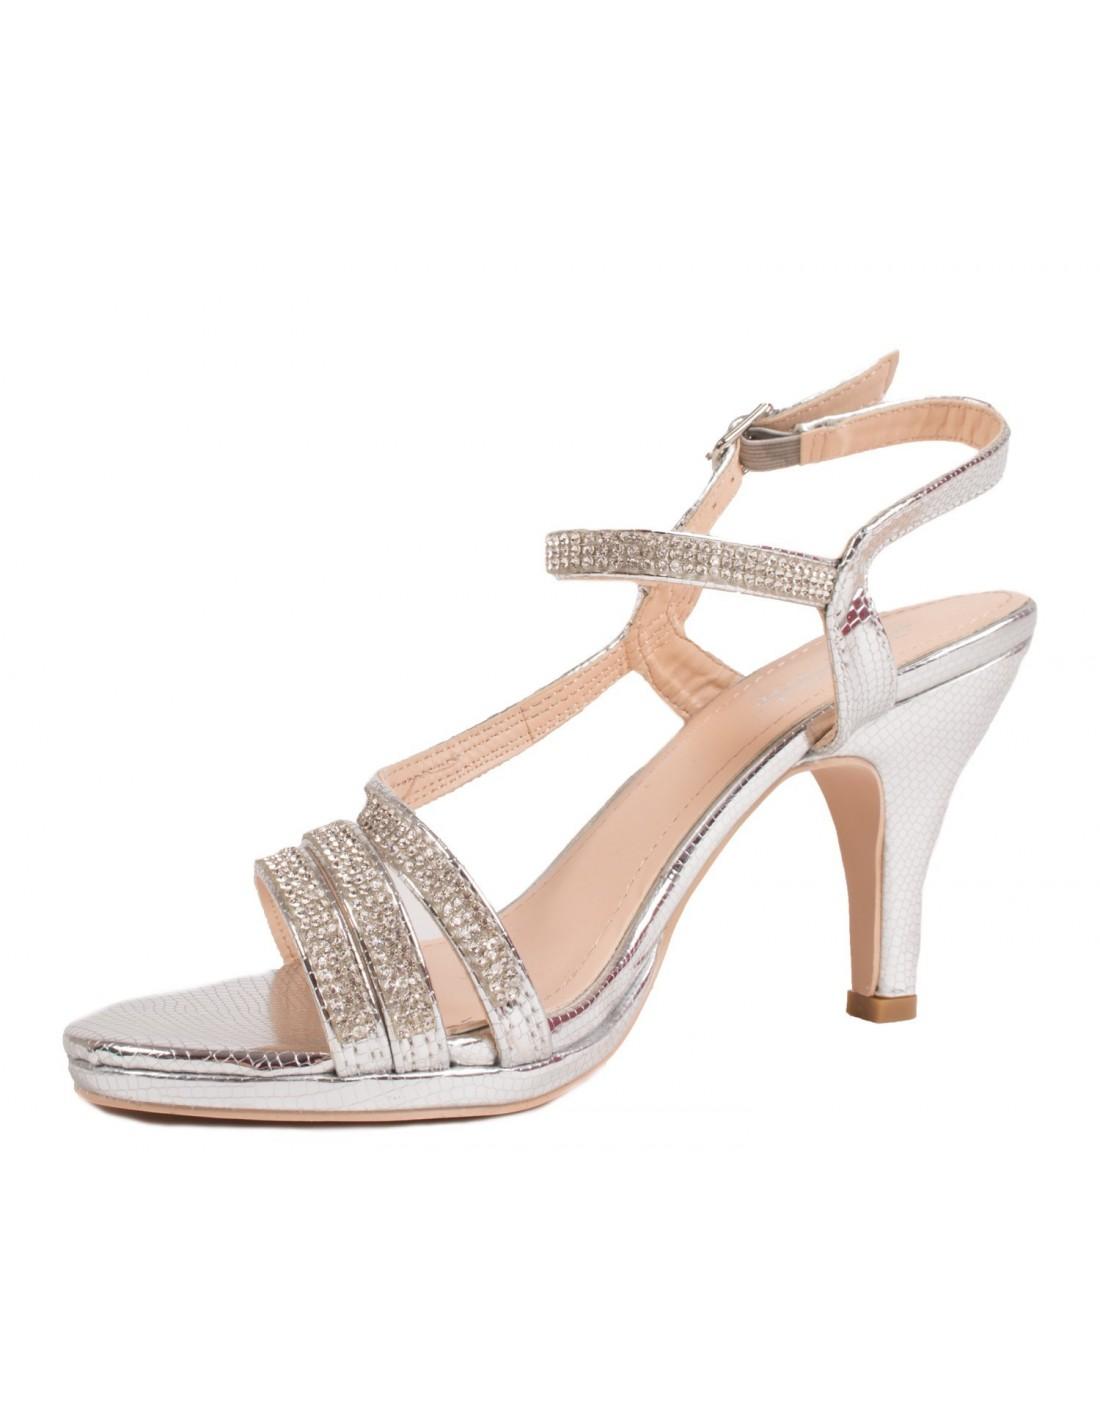 Talon Chaussures Argenté Petit Mariage Femme Strassamp; Fines Lanières bY6ymfgI7v